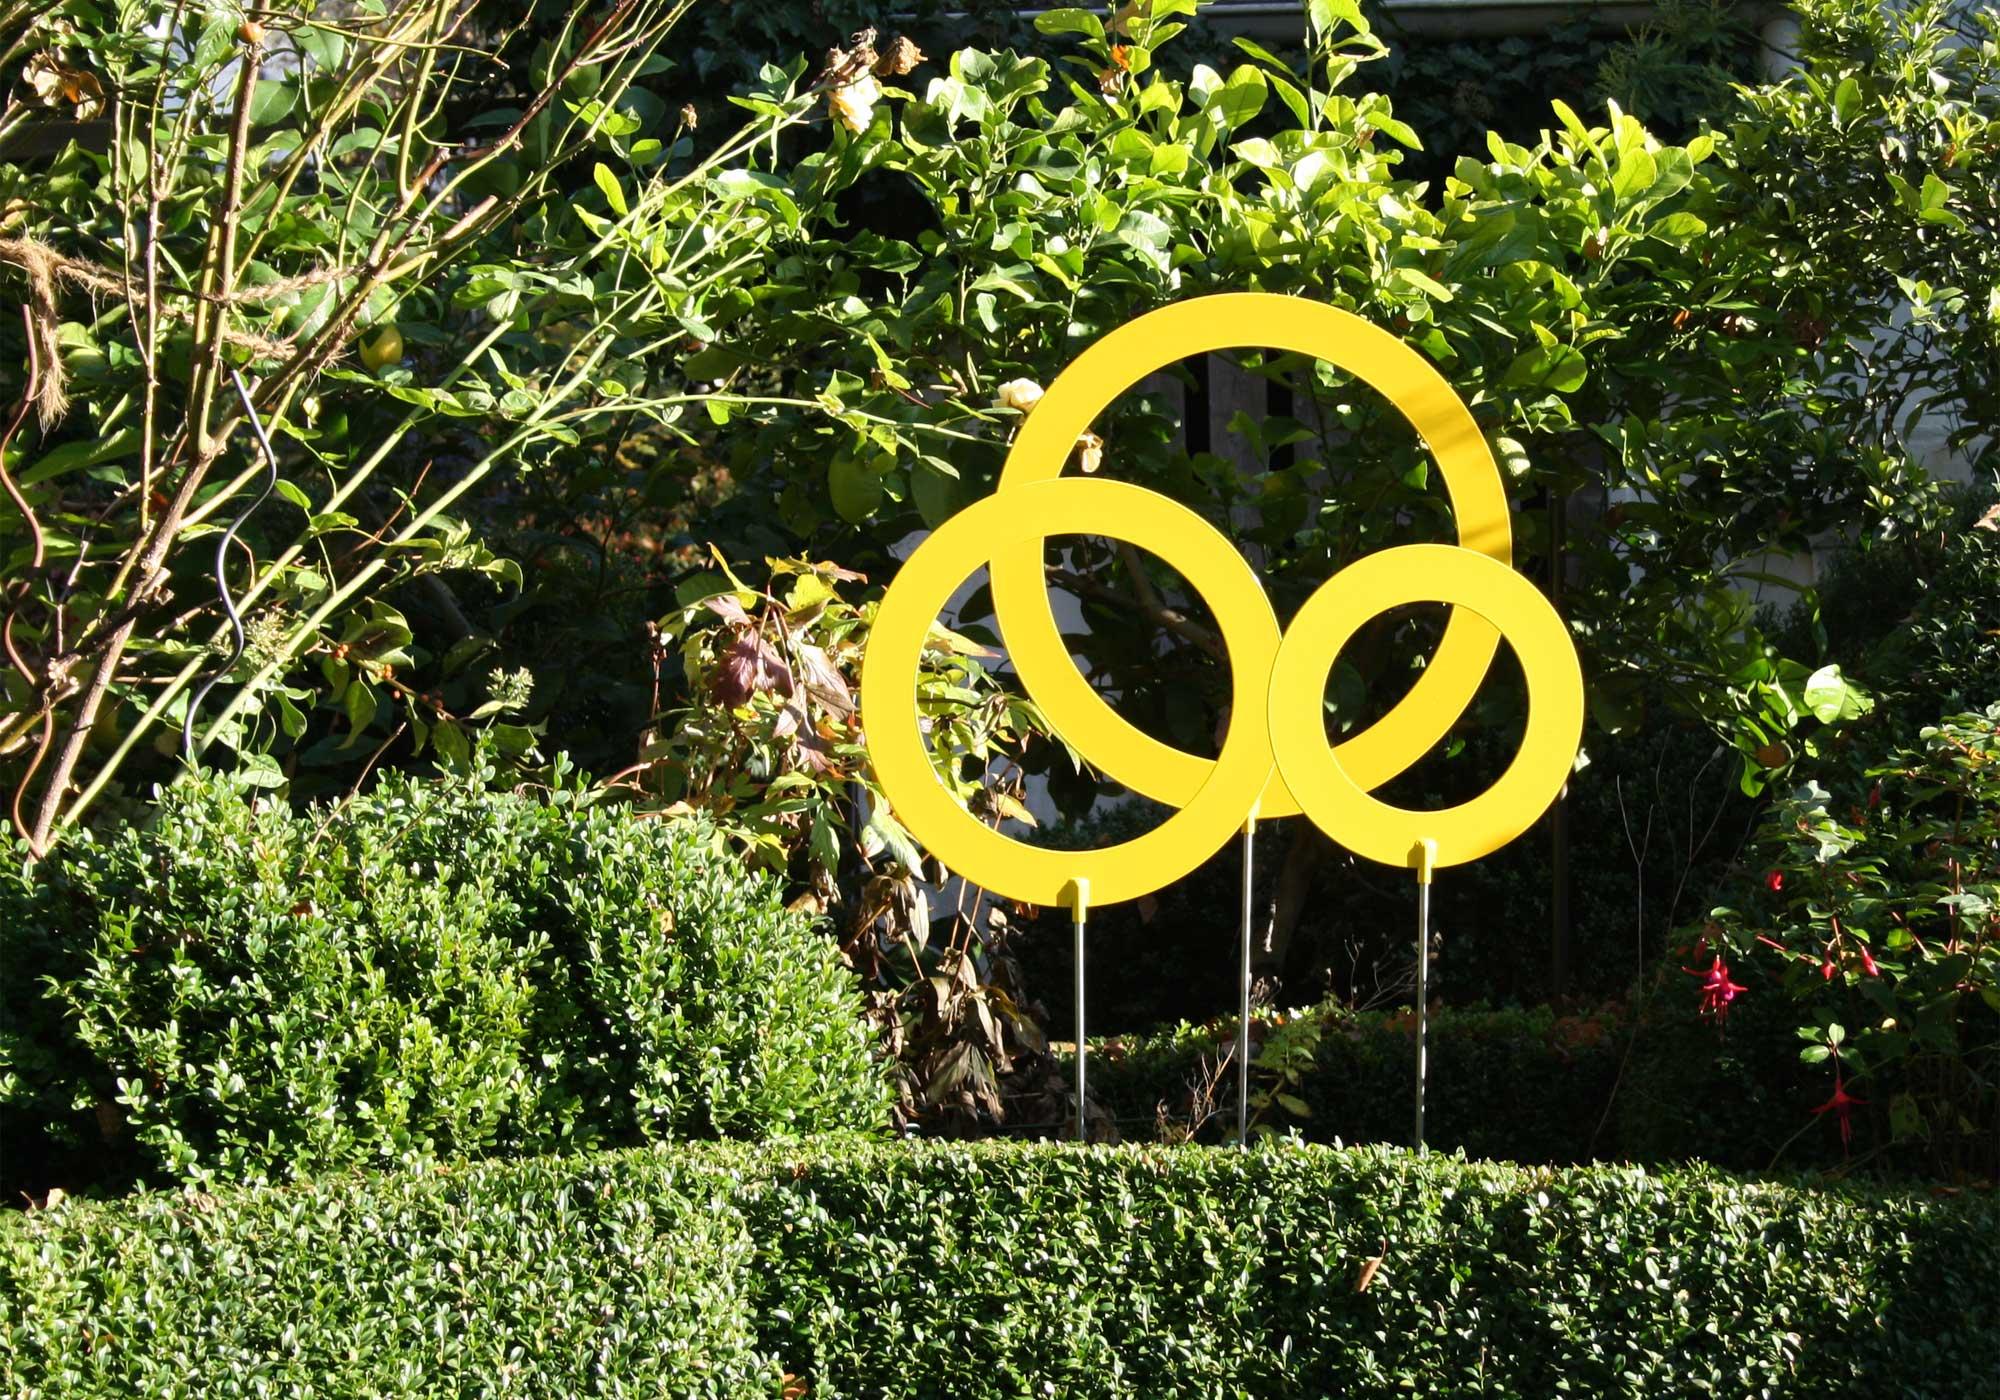 Kreise im Karten für besondere Akzente - Auffällig durch die Farbgebung können die Kreise aus pulverbeschichtetem Aluminium überall gesteckt werden, wo Sie es wollen und bestechen durch ihren Minimalismus als Eyecatcher im Garten. Das dreiteilige Kreisset gibt es in zwei Größen und in den Farben rot und gelb.